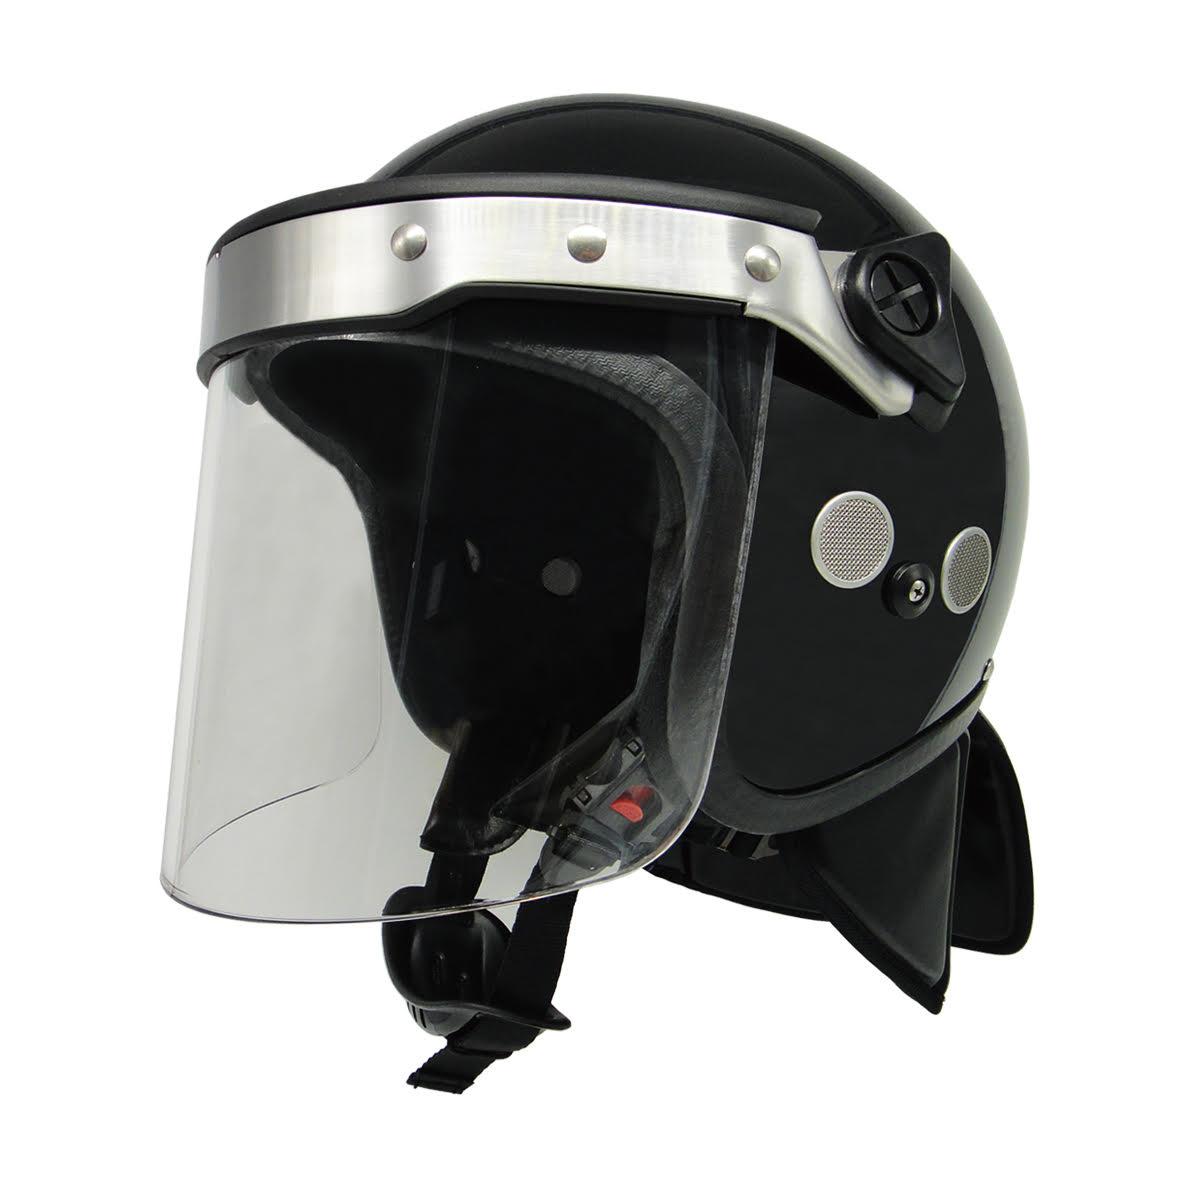 PROTEC-X Riot Helmet